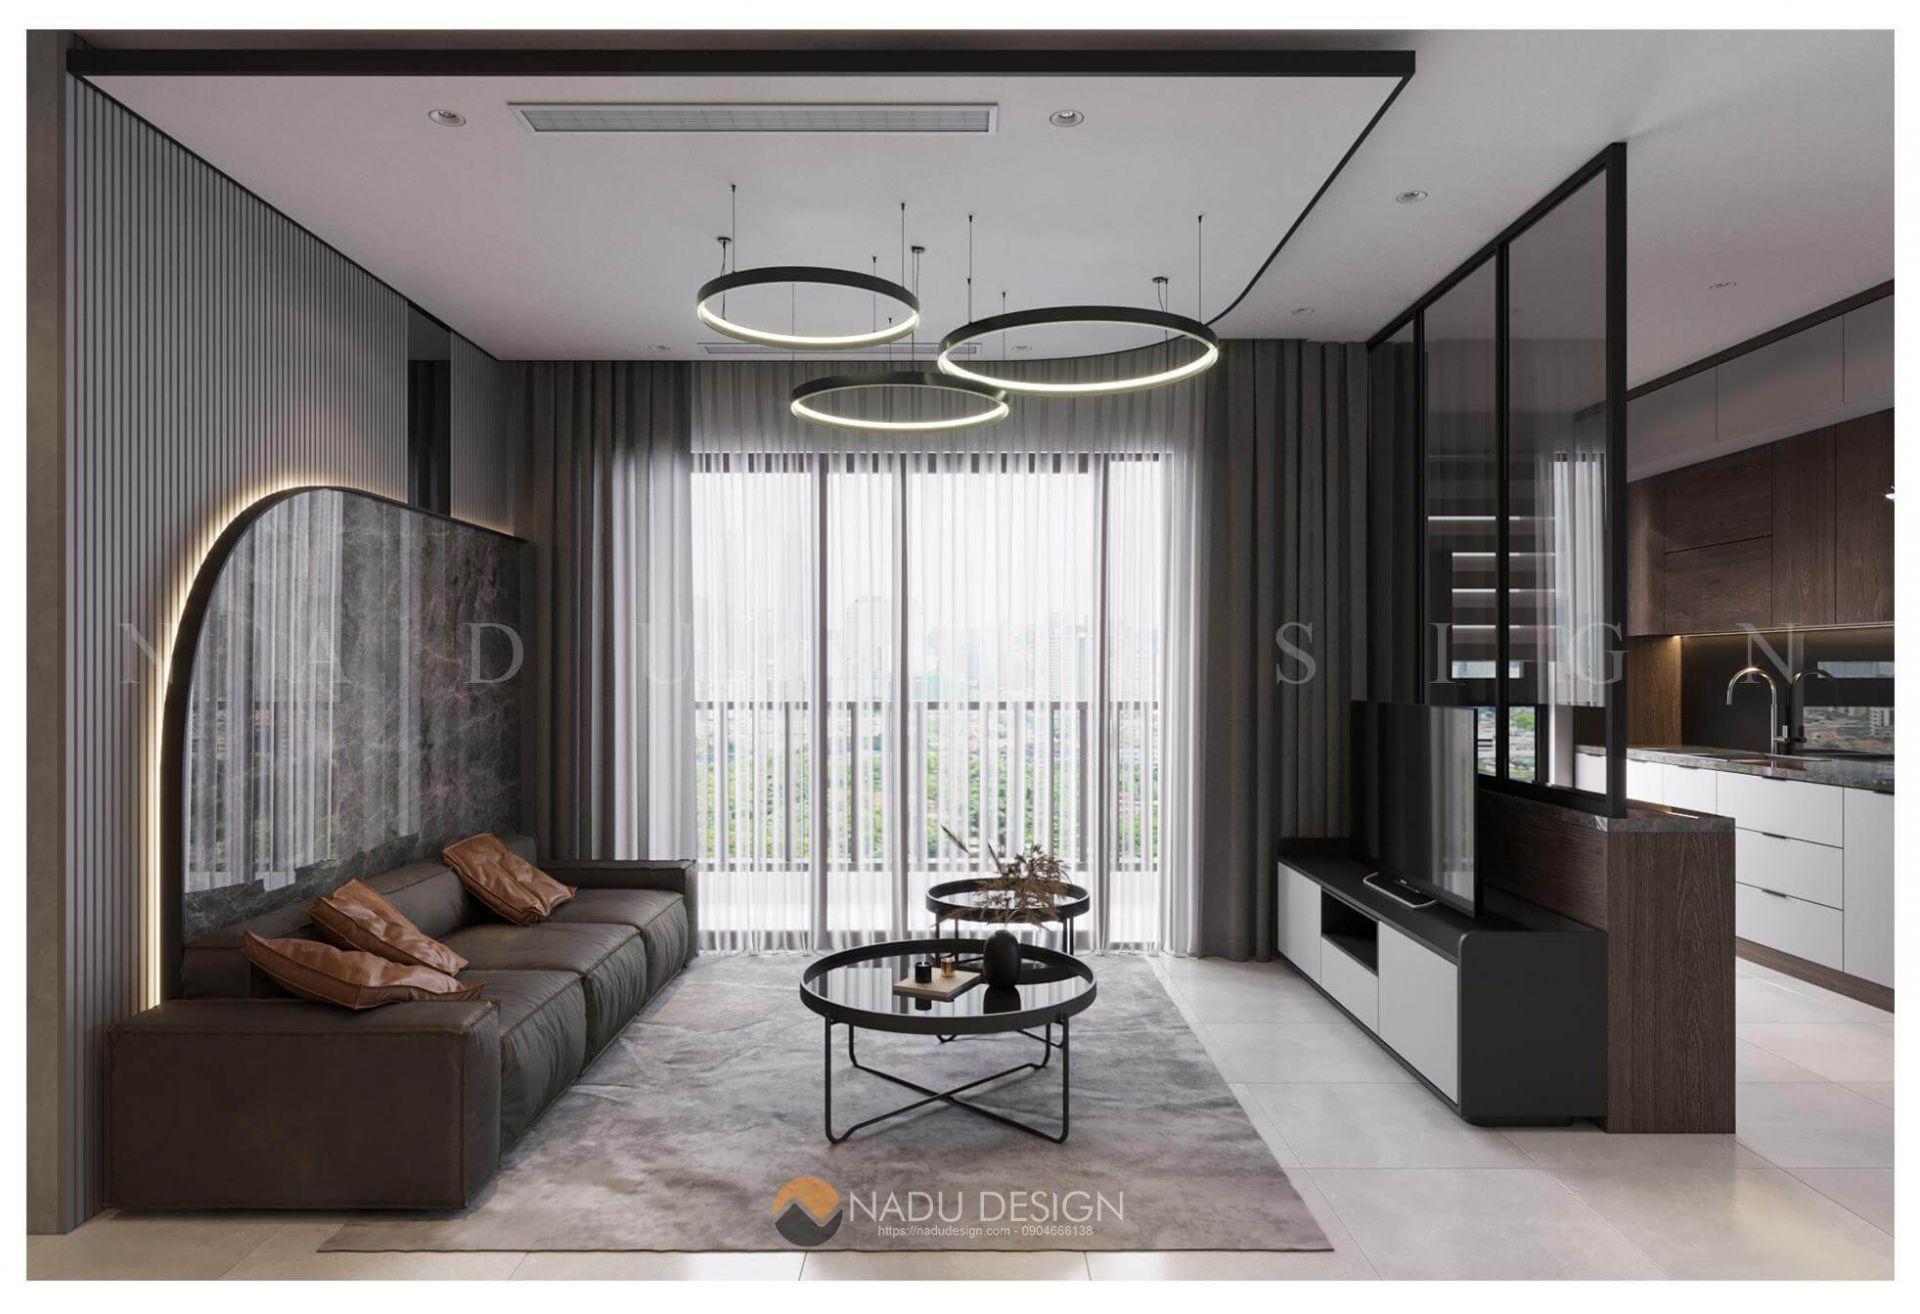 """Đón đầu xu hướng thiết kế nội thất chung cư 2 phòng ngủ """"hot"""" nhất hiện nay"""